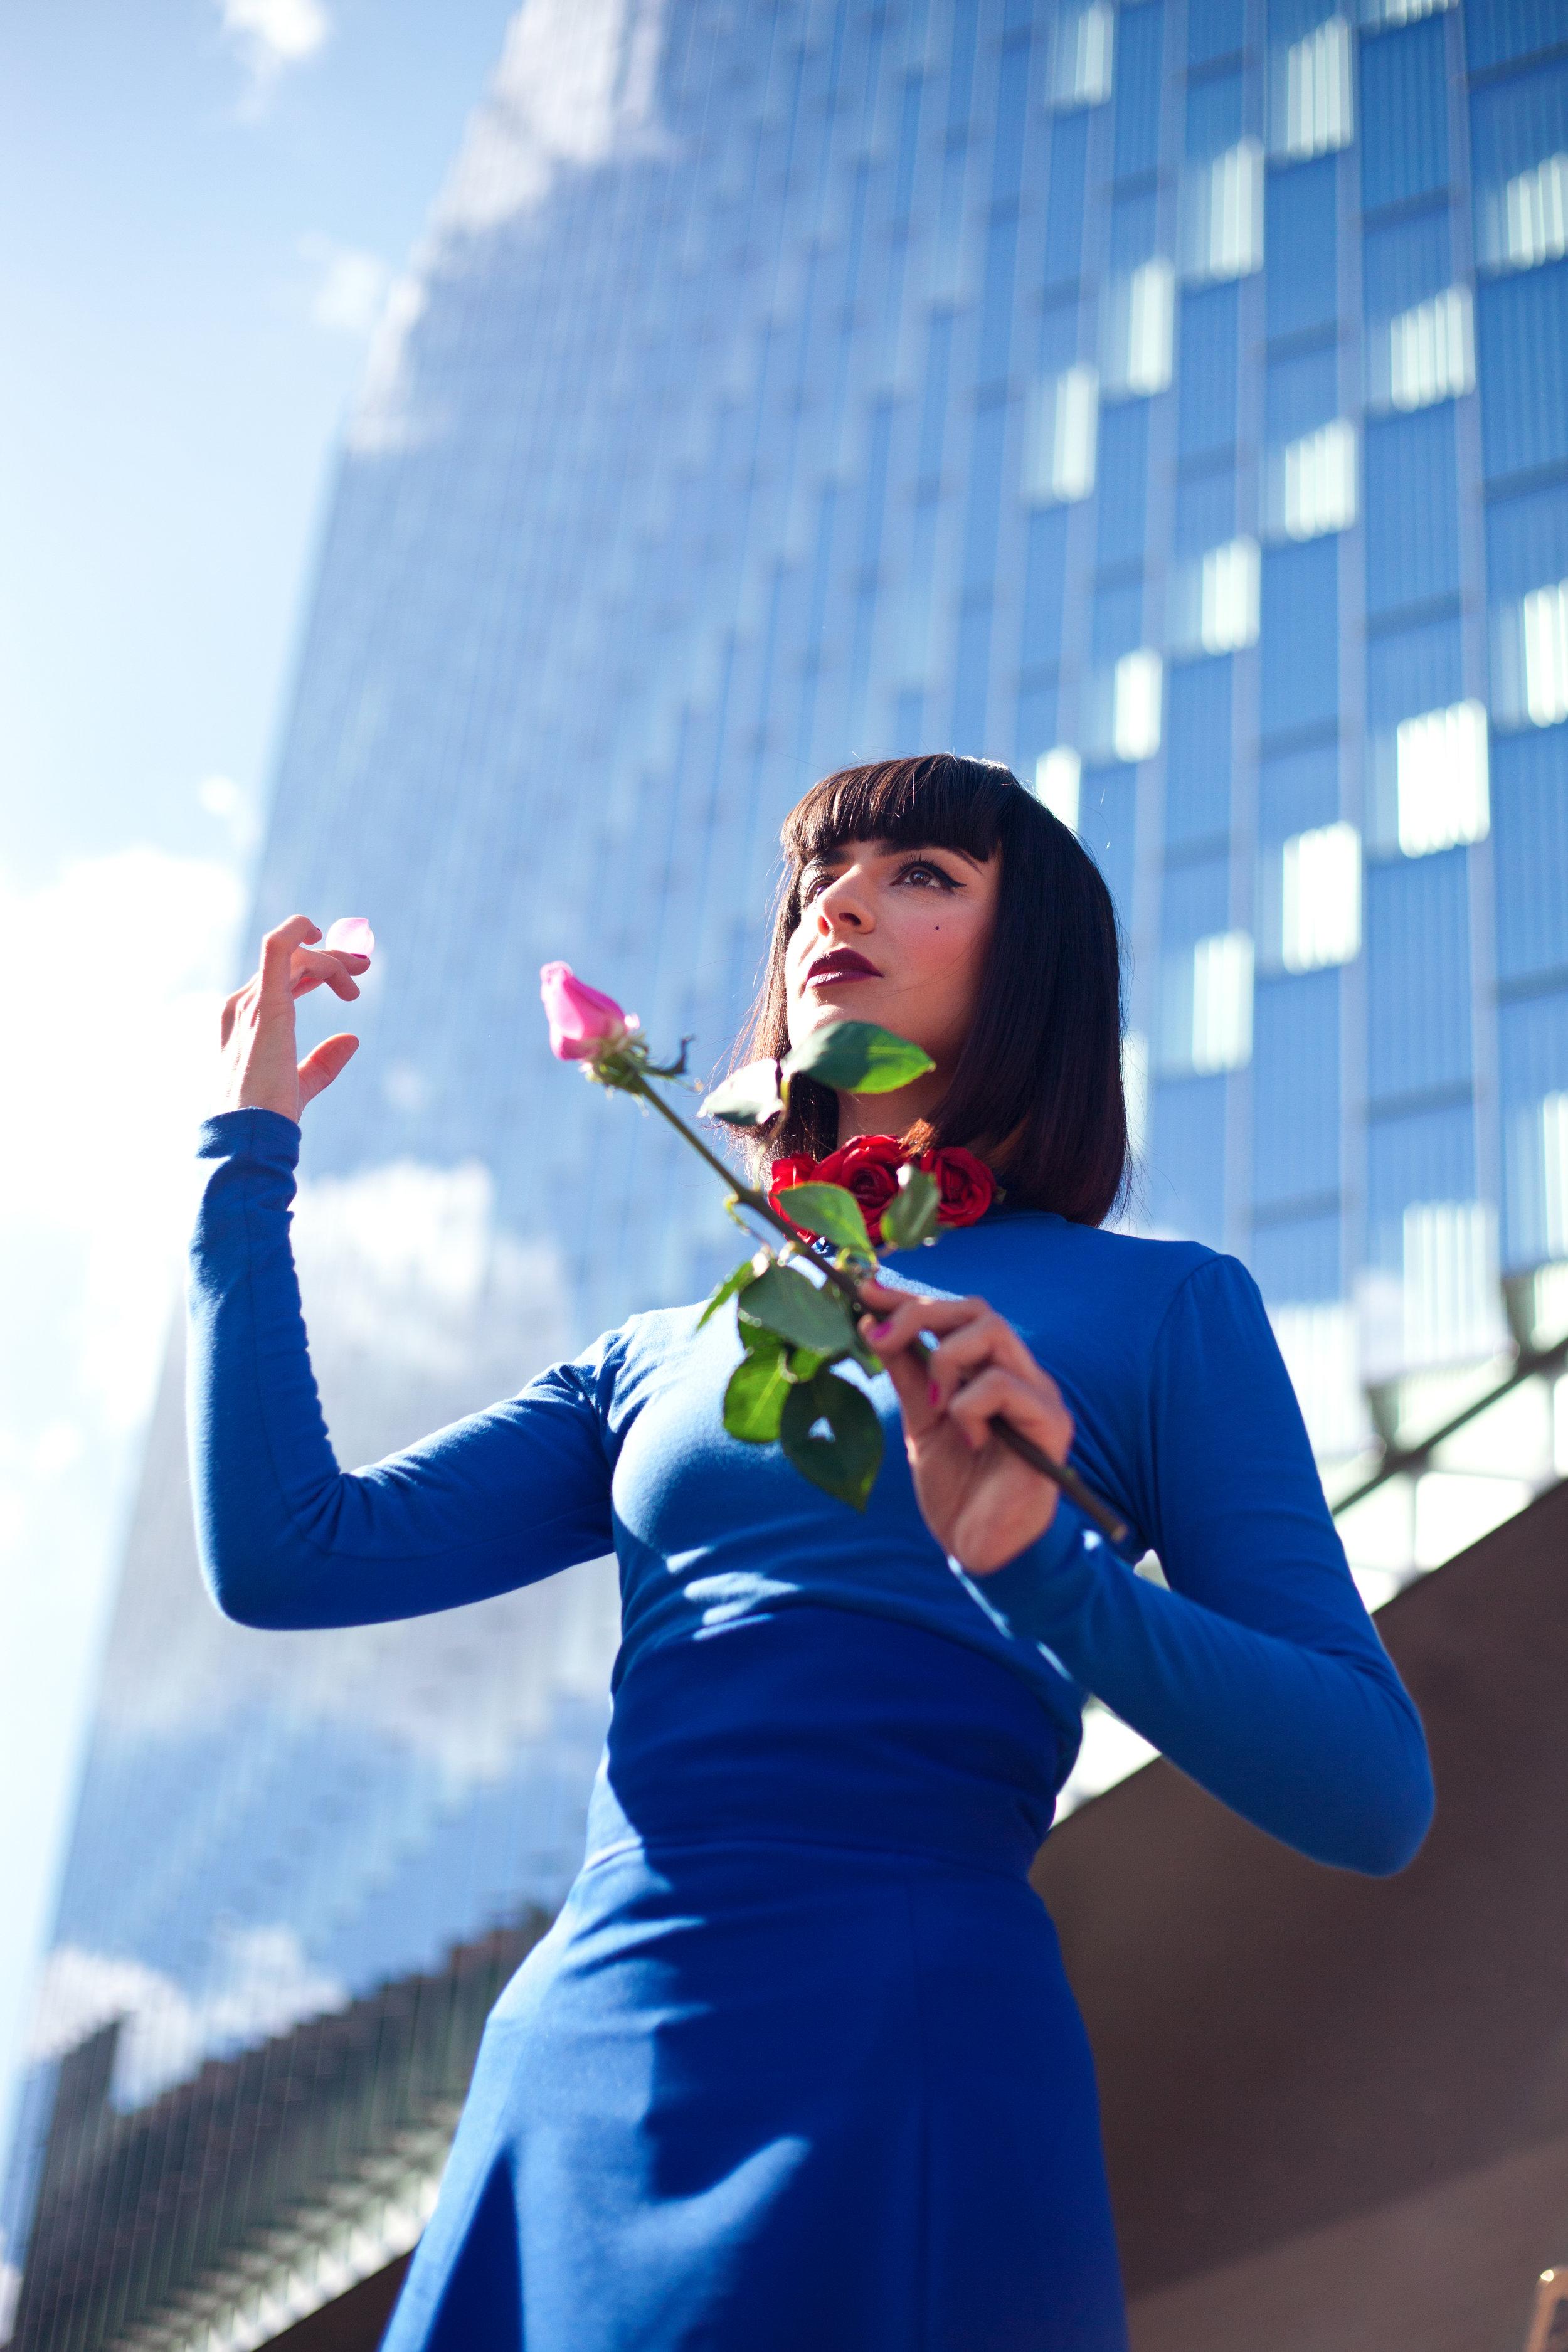 Cocovan - Women's March LA performance - credit Romain Yurkievich 4.jpg